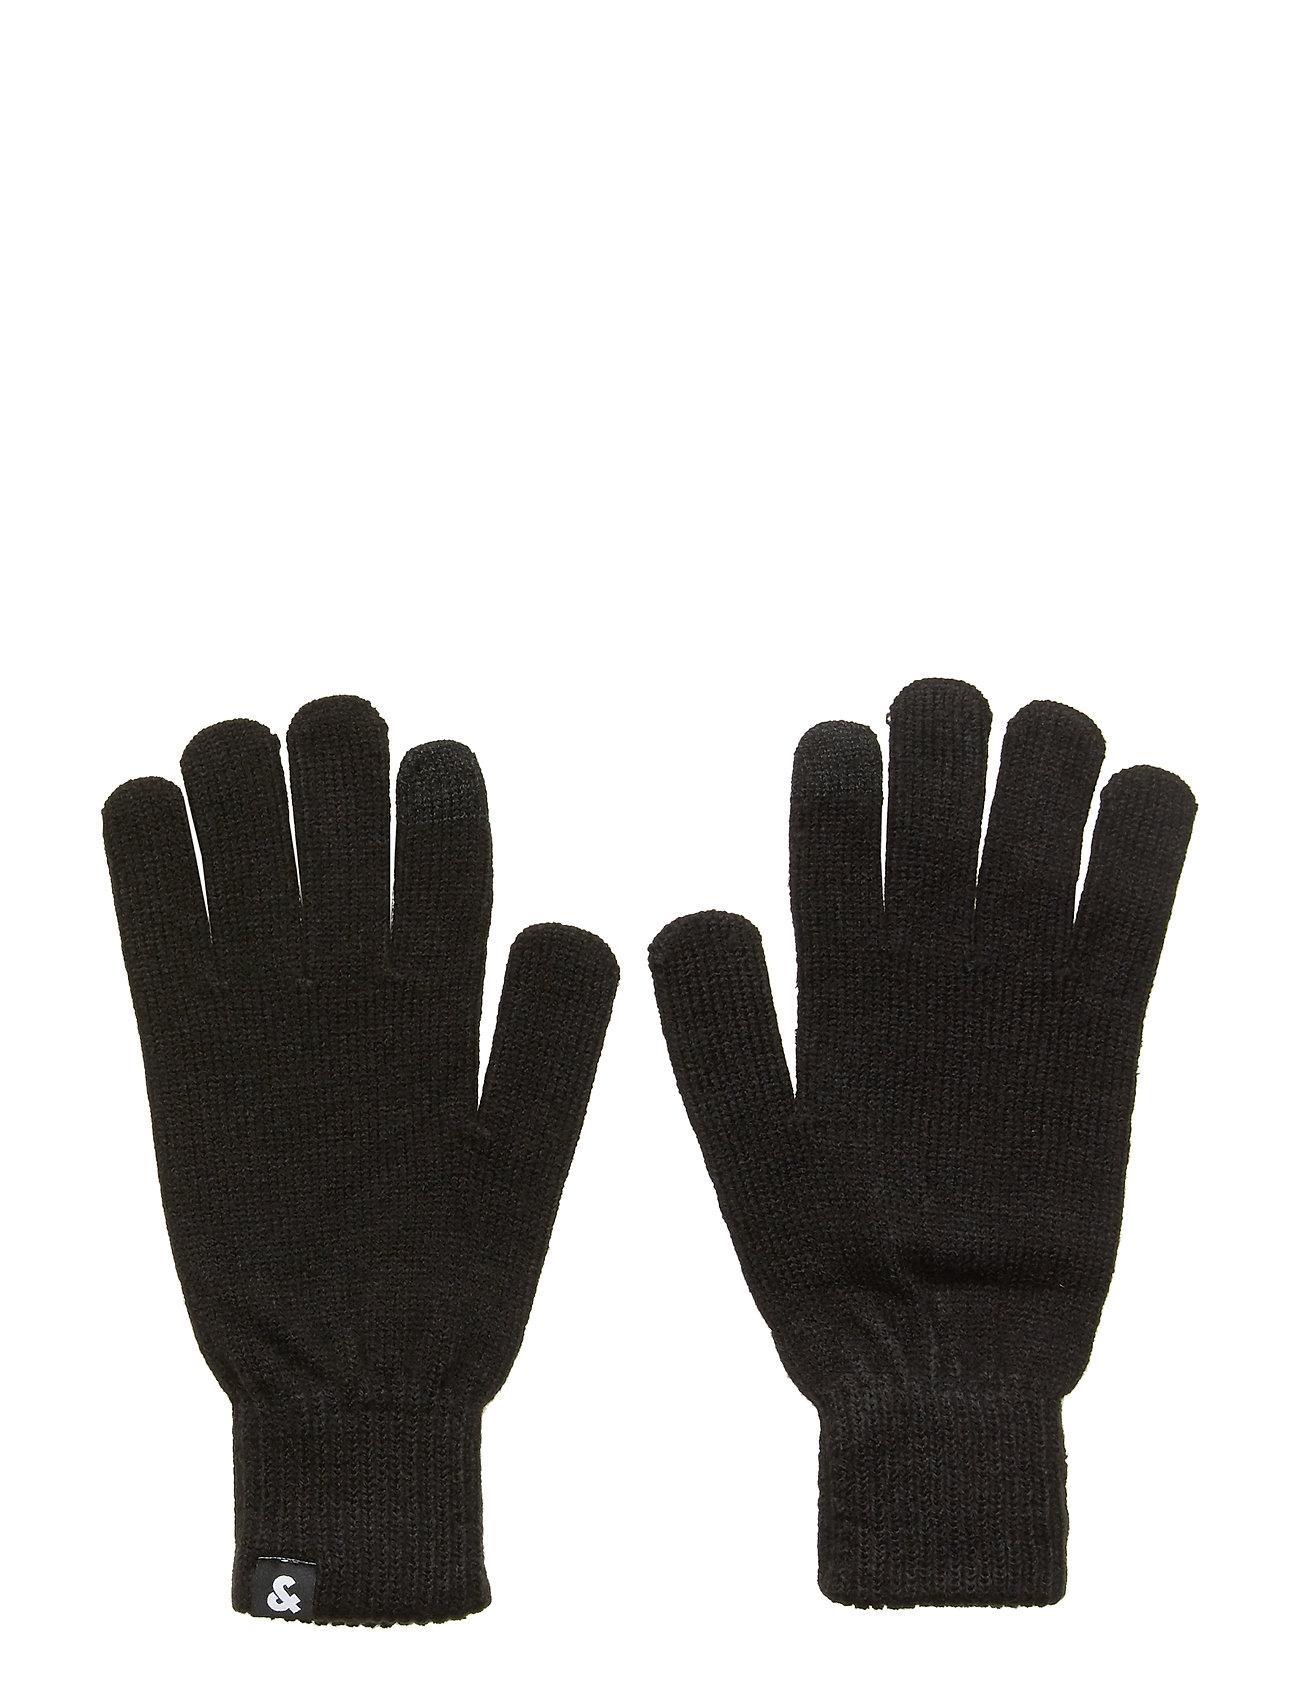 Image of Jacbarry Knitted Gloves Noos Handsker Sort Jack & J S (3237676379)